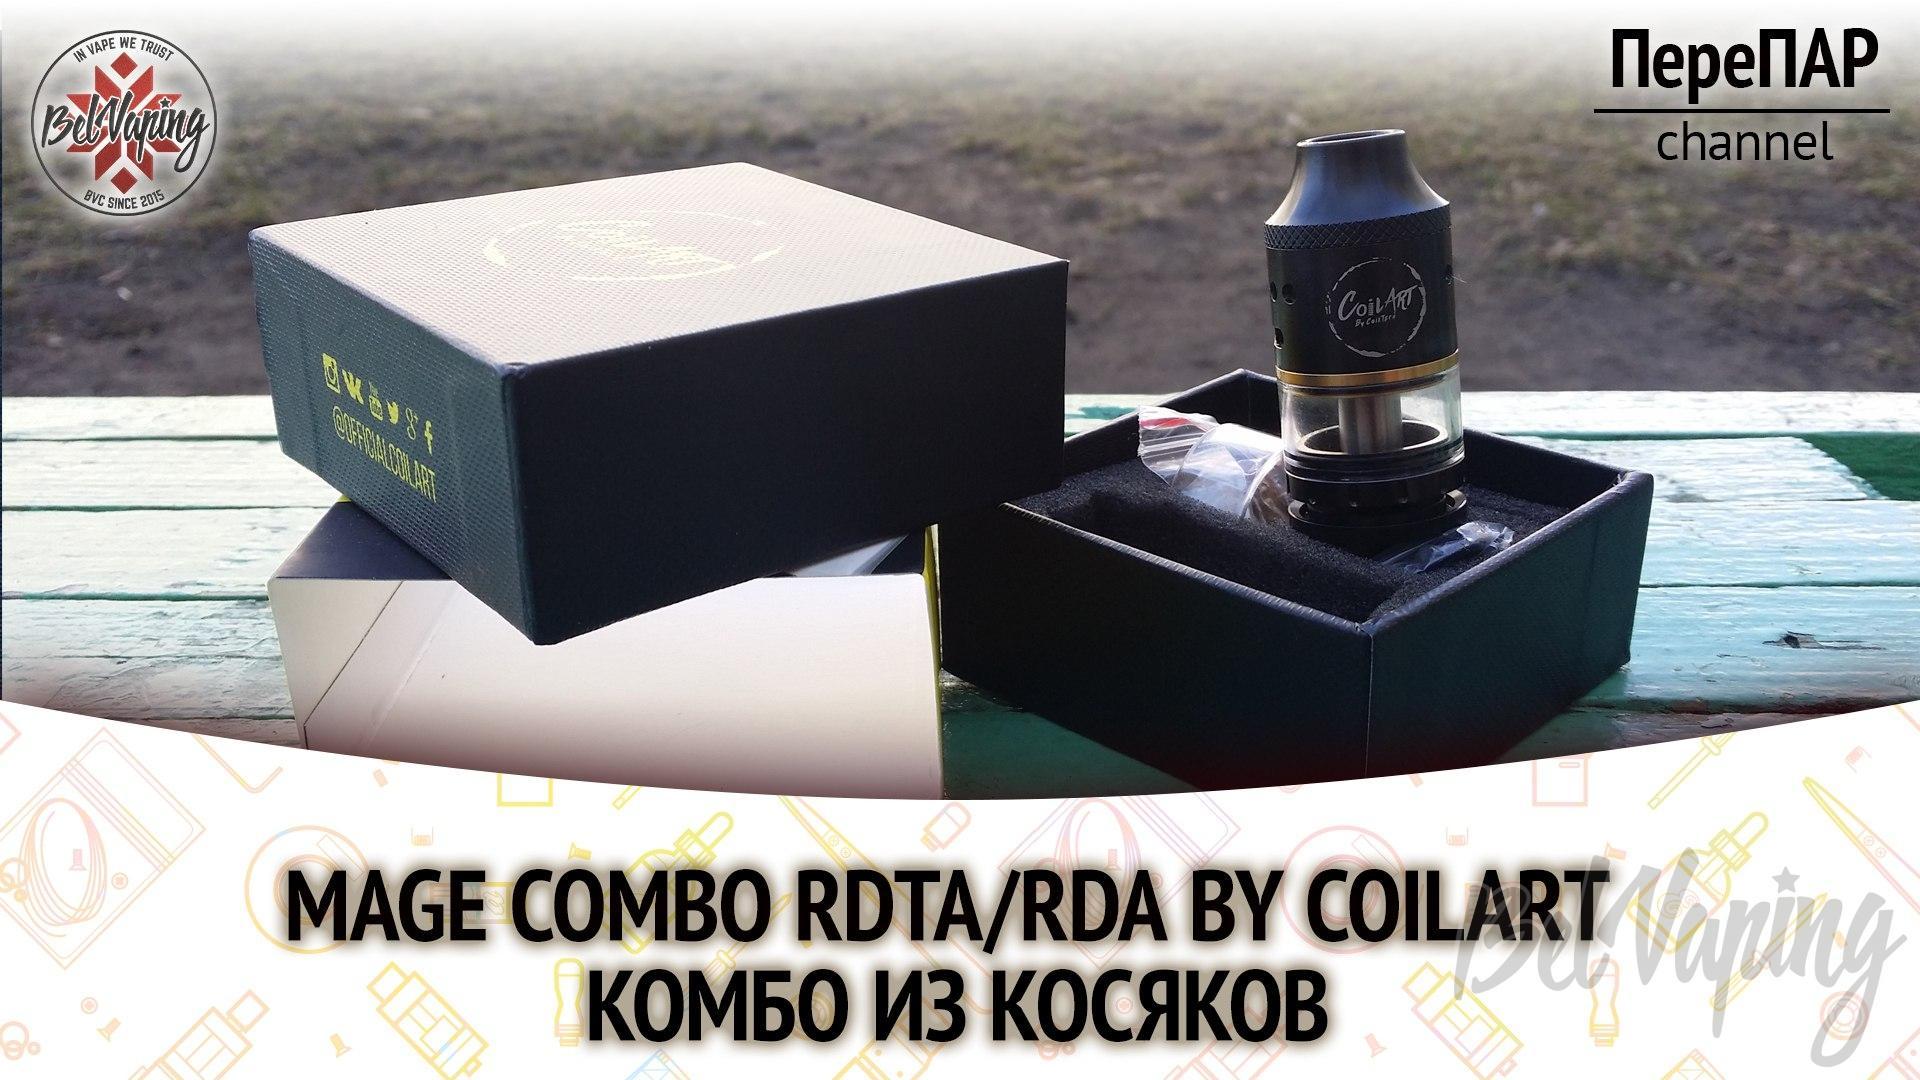 Обзор атомайзера CoilArt Mage Combo RDTA/RDA